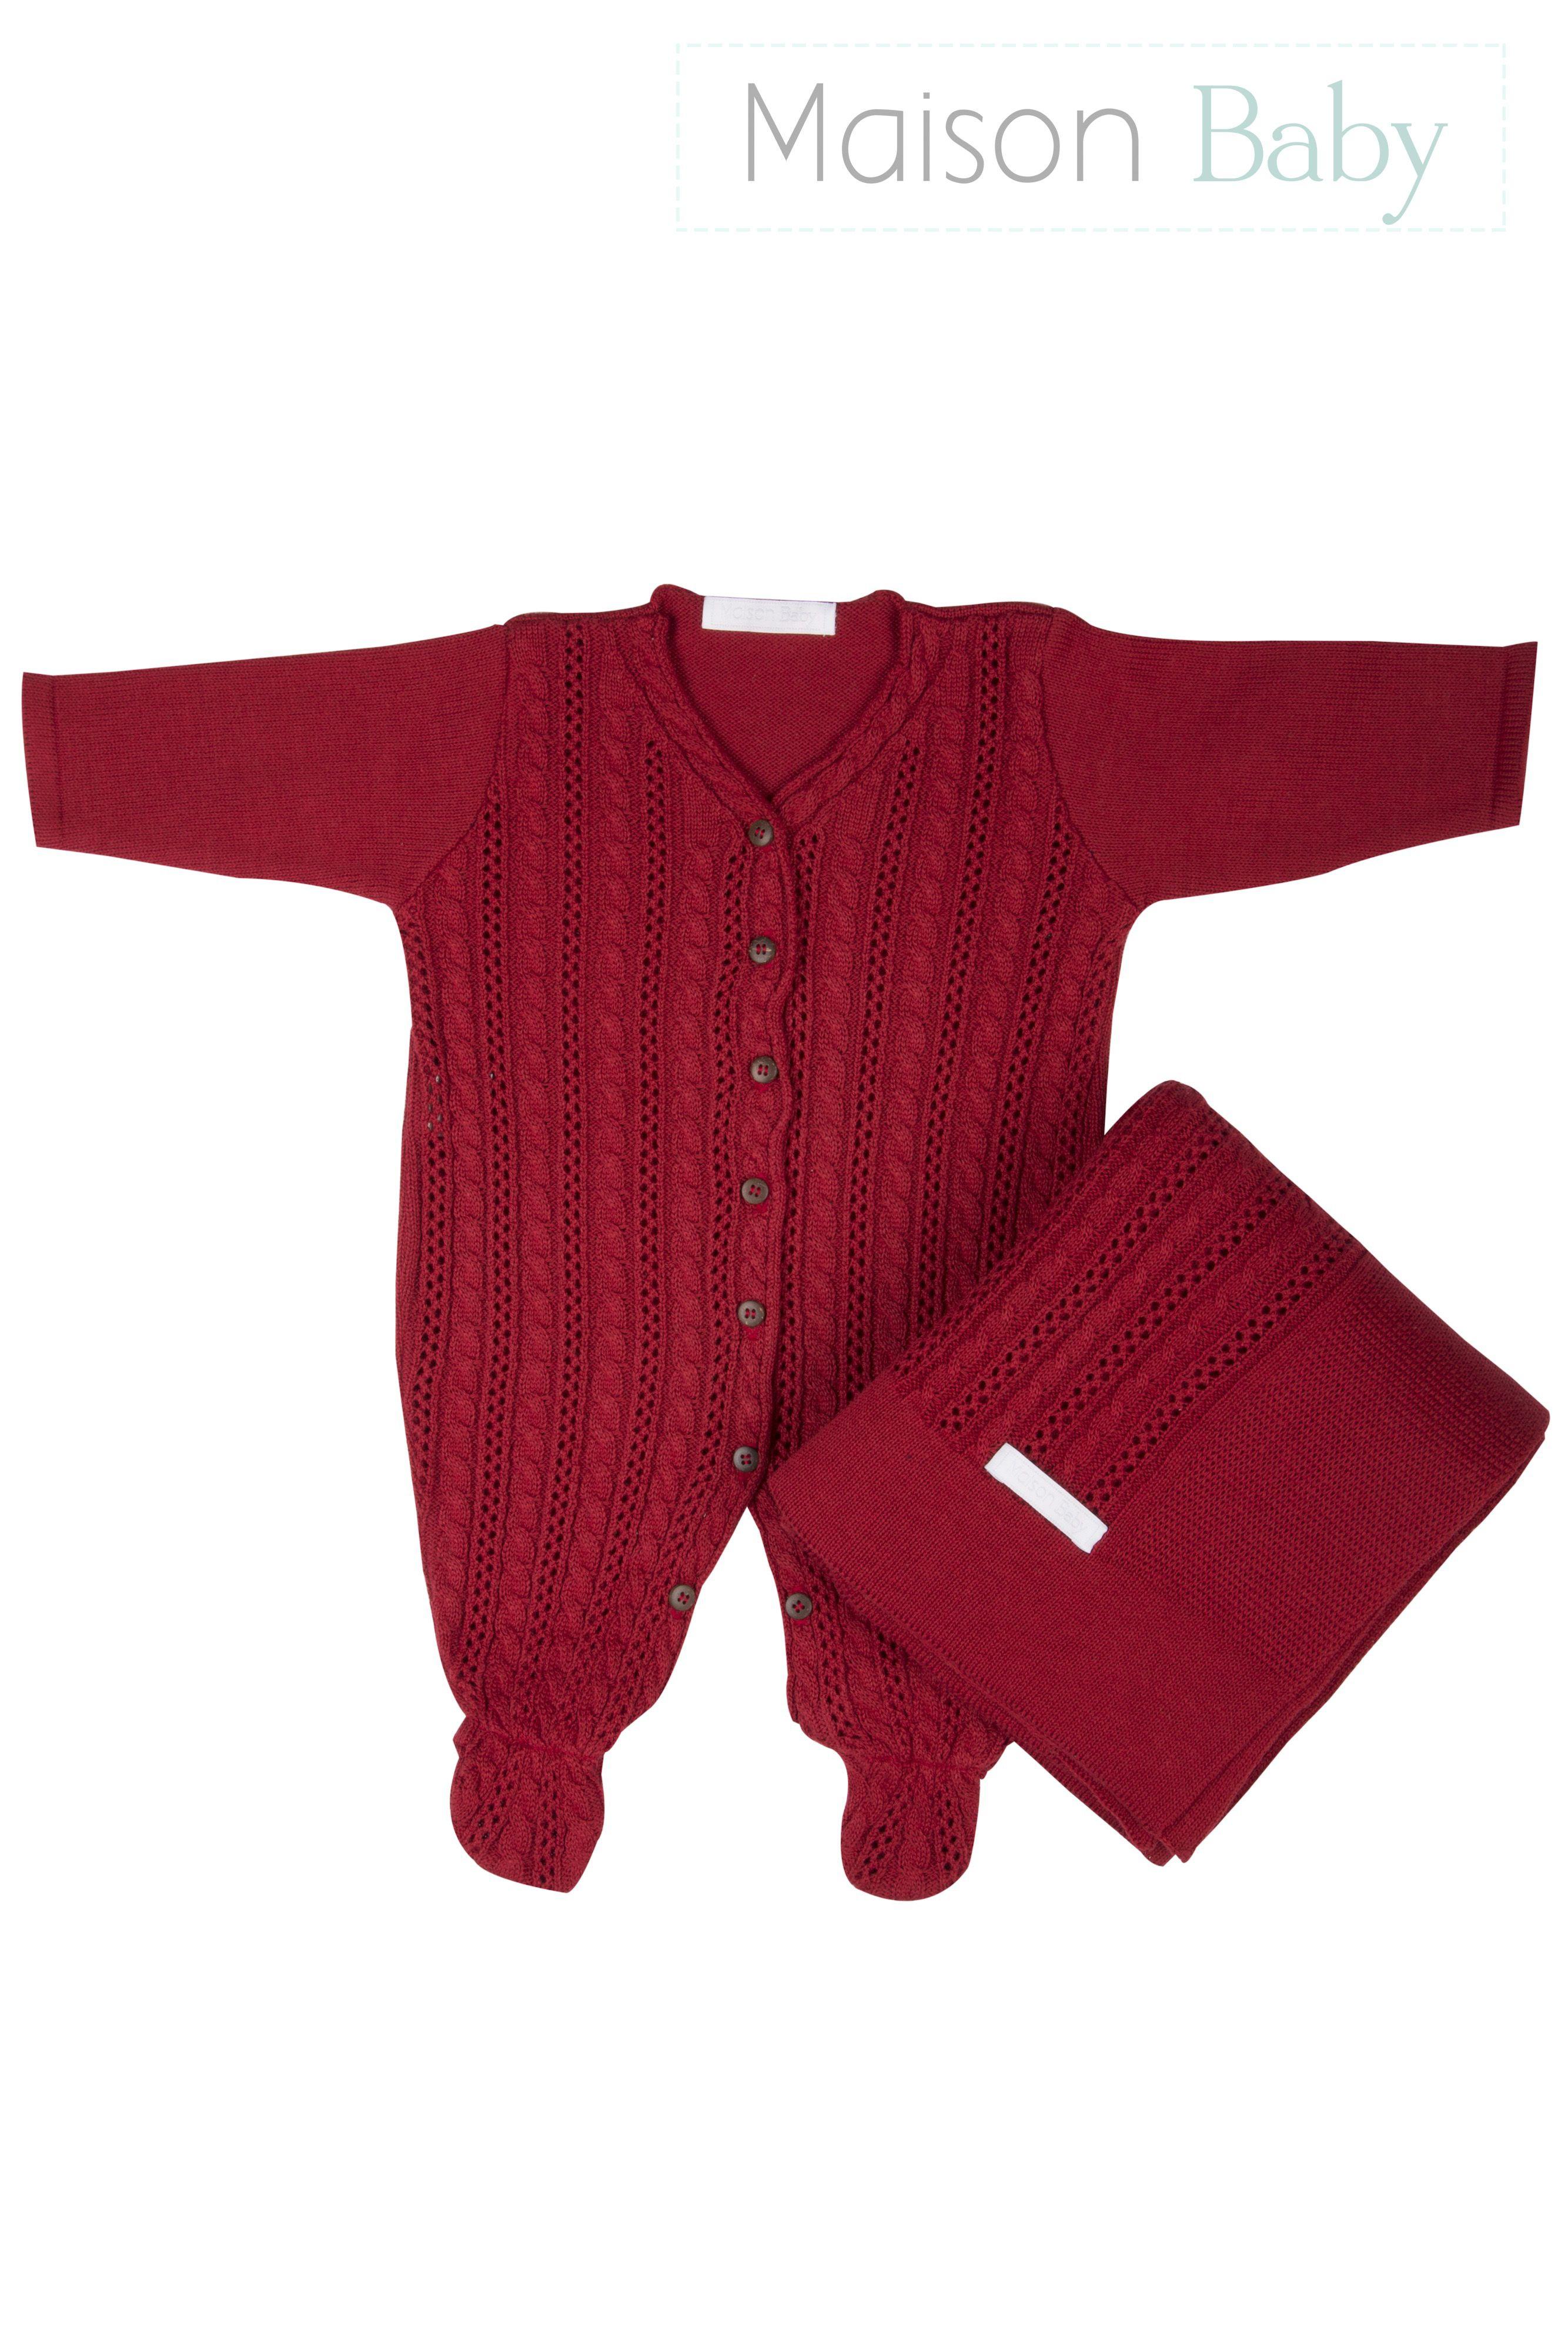 7cf7861fd2 Saída de maternidade tricot vermelha  saidadematernidade  newbornoutfit